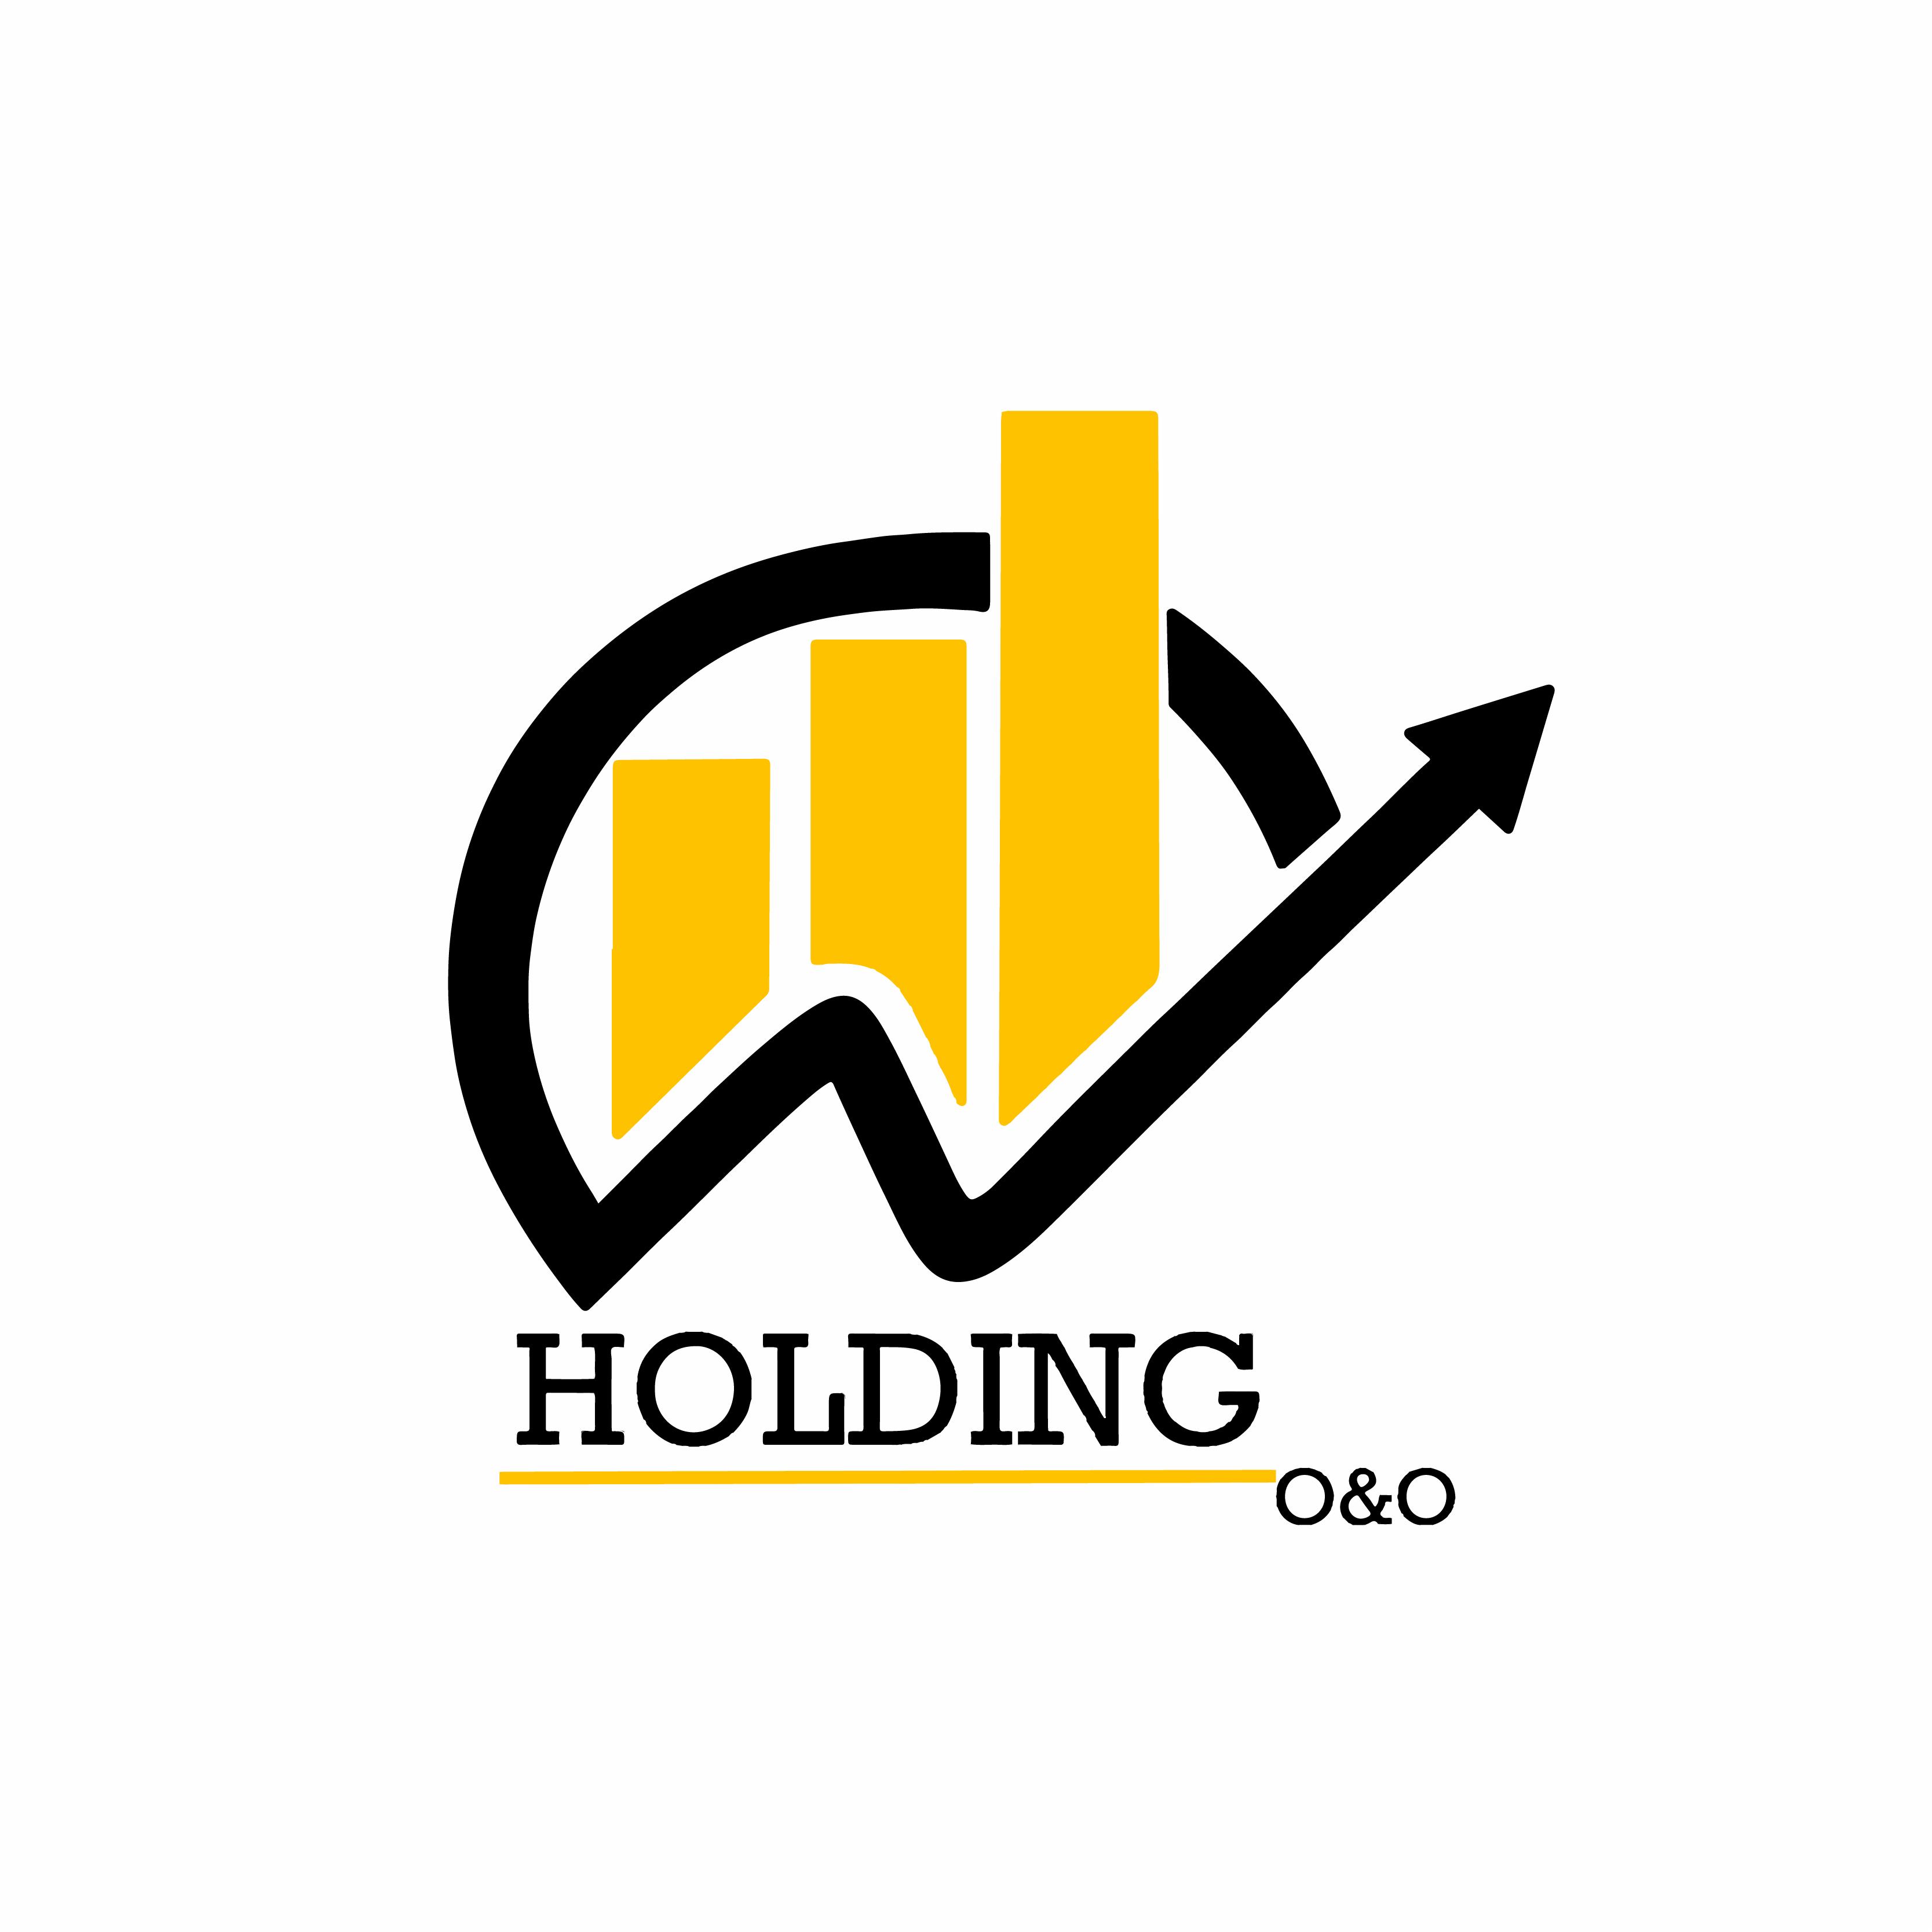 """Разработка Логотипа +  Фирменного знака для компании """"O & O HOLDING"""" фото f_9565c7aab962a0e8.jpg"""